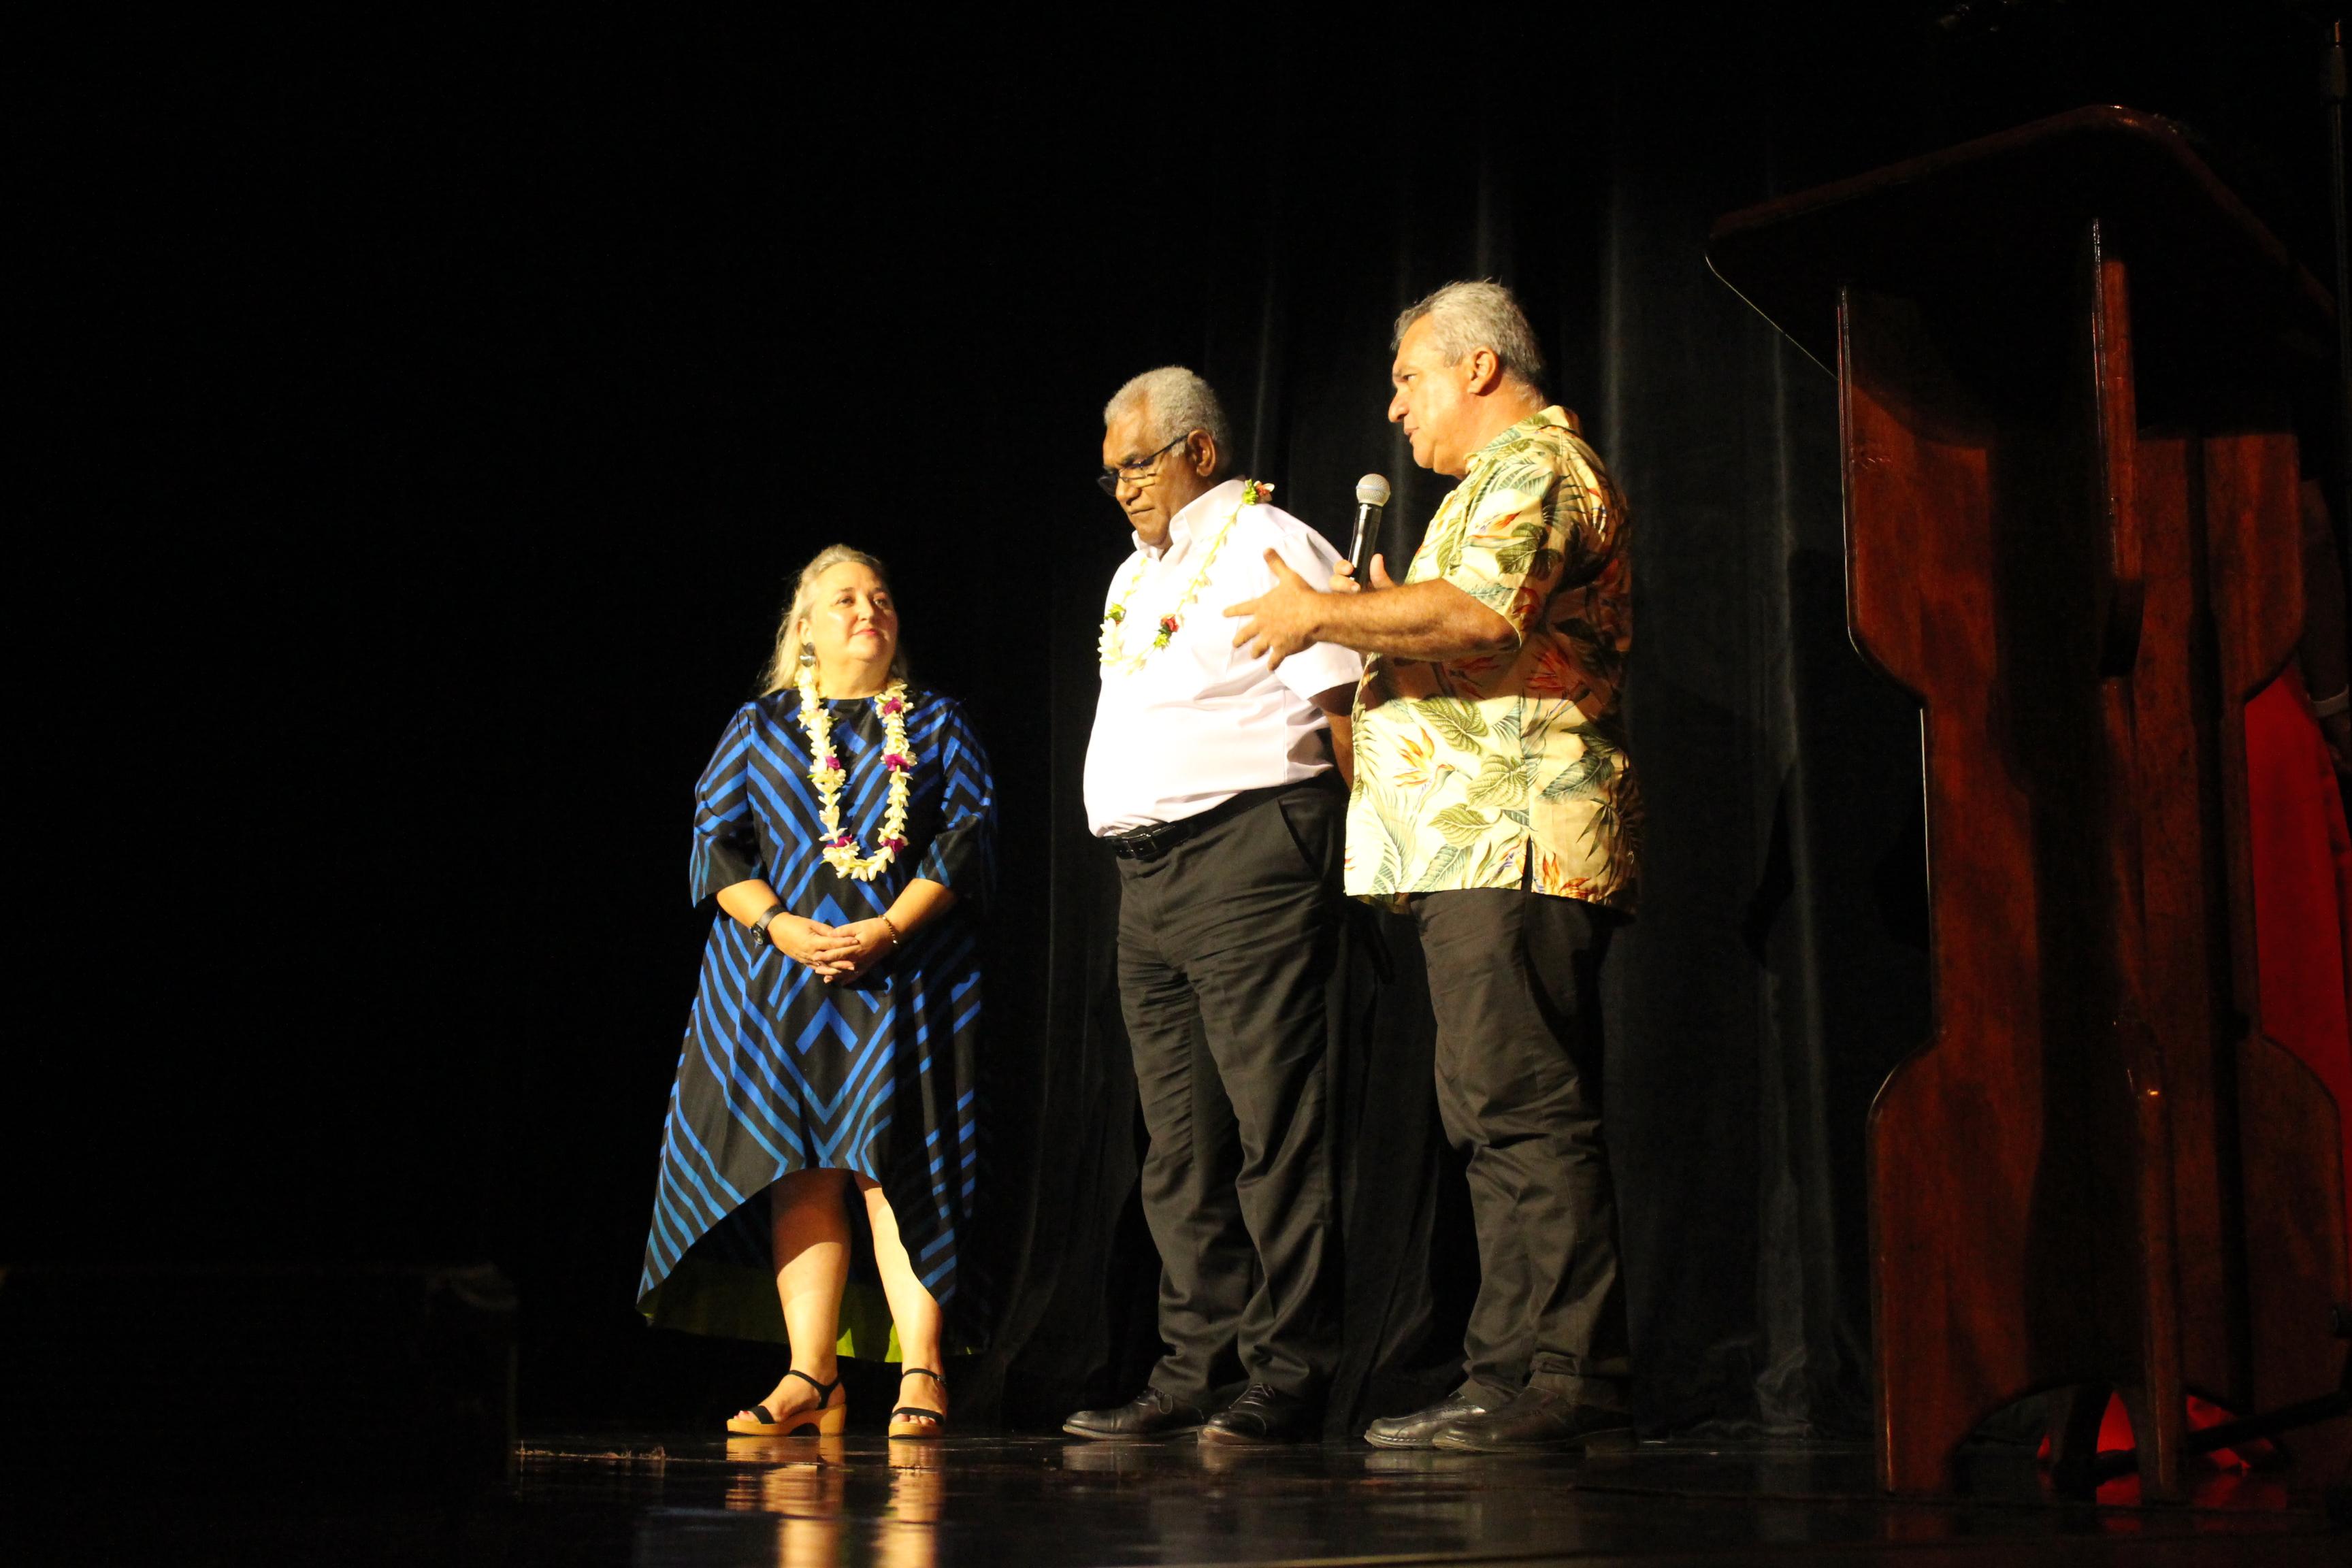 Estelle Berruyer, Walles Kotra et Heremoana Maamaatuaiahutapu.